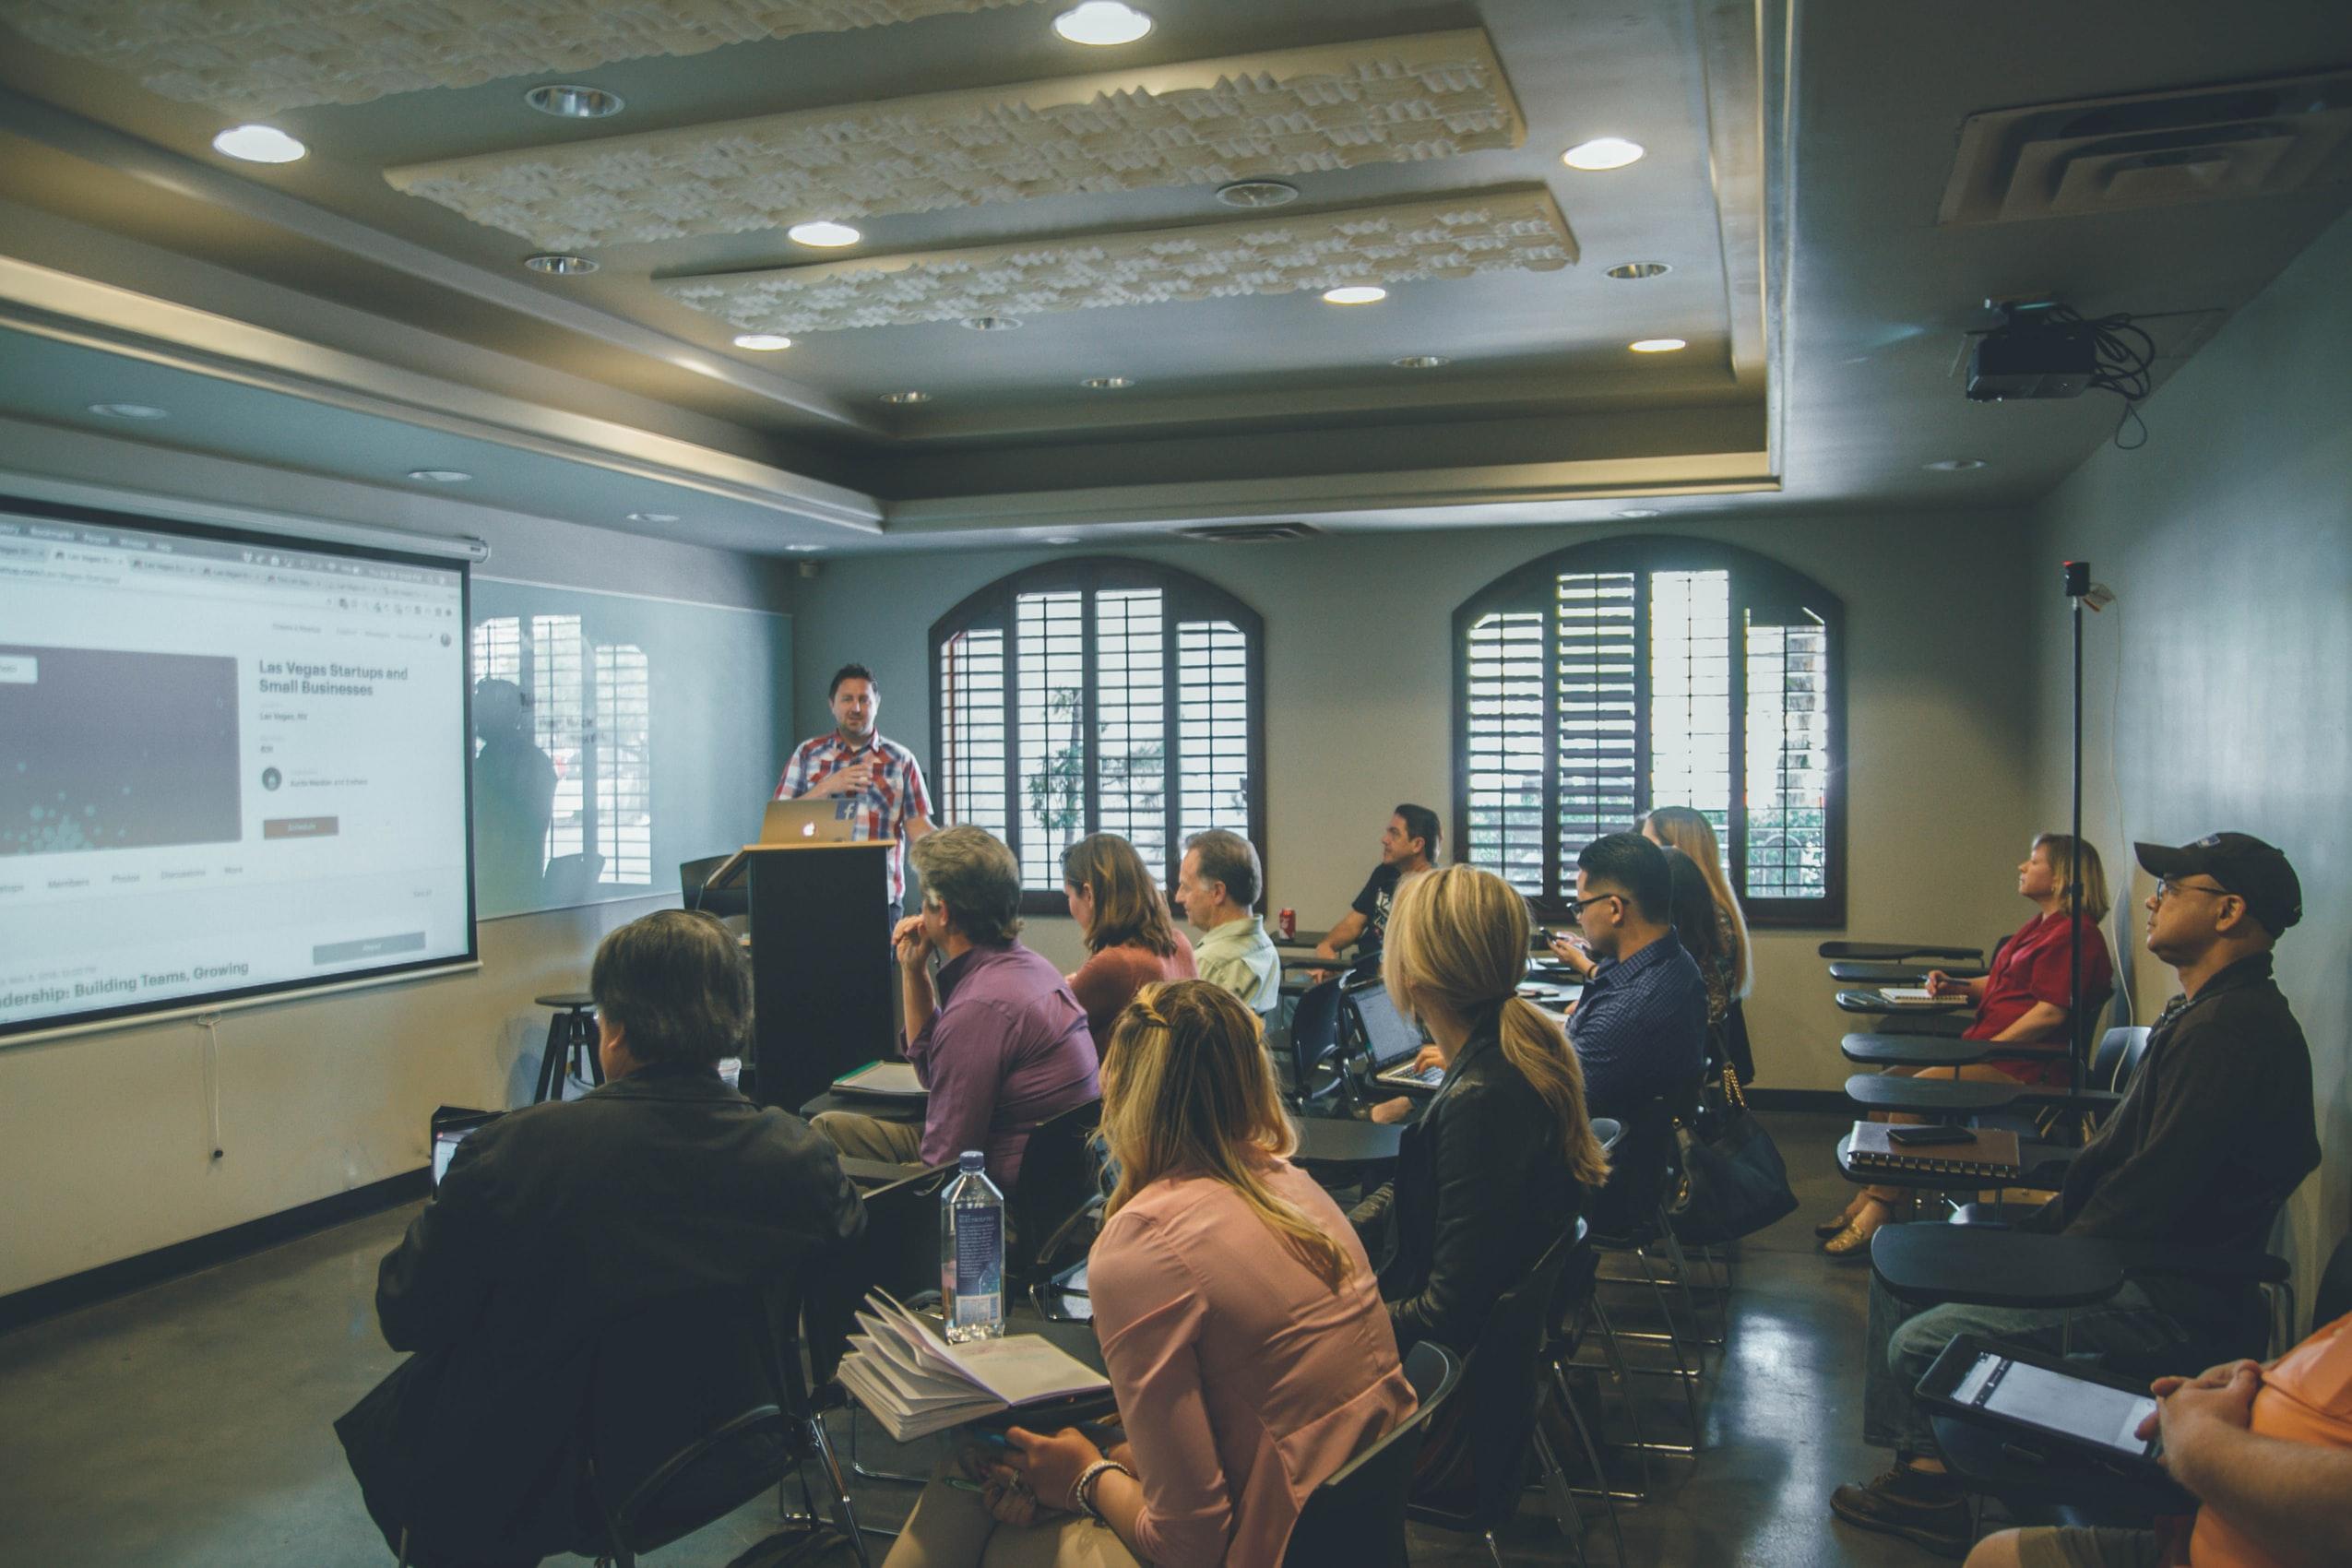 Eine Gruppe von etwa 12 Menschen hört in einem Seminarraum einen Vortrag